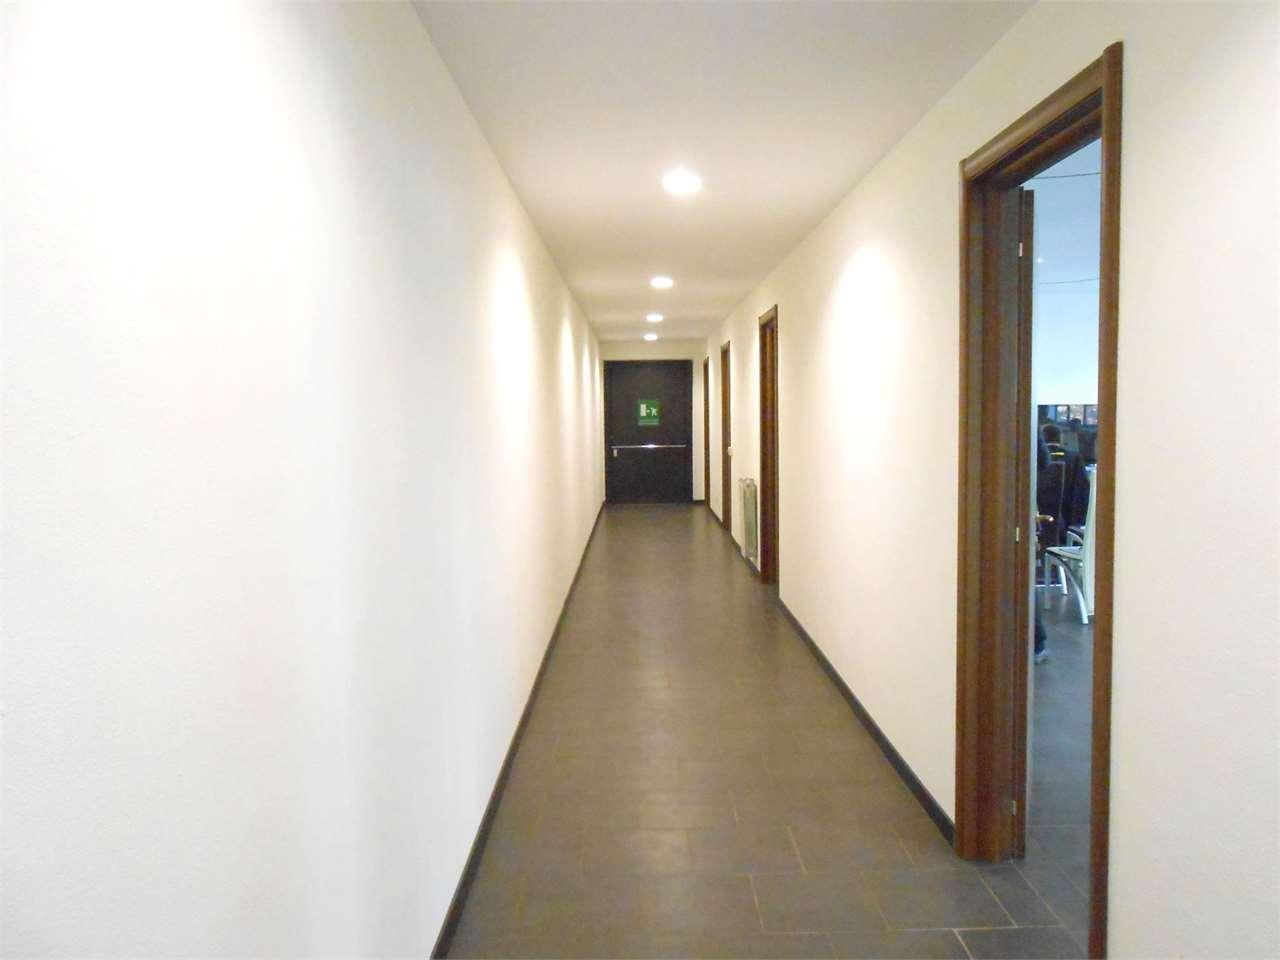 Ufficio / Studio in affitto a Rivoli, 9999 locali, zona Zona: Cascine Vica, prezzo € 1.700 | CambioCasa.it